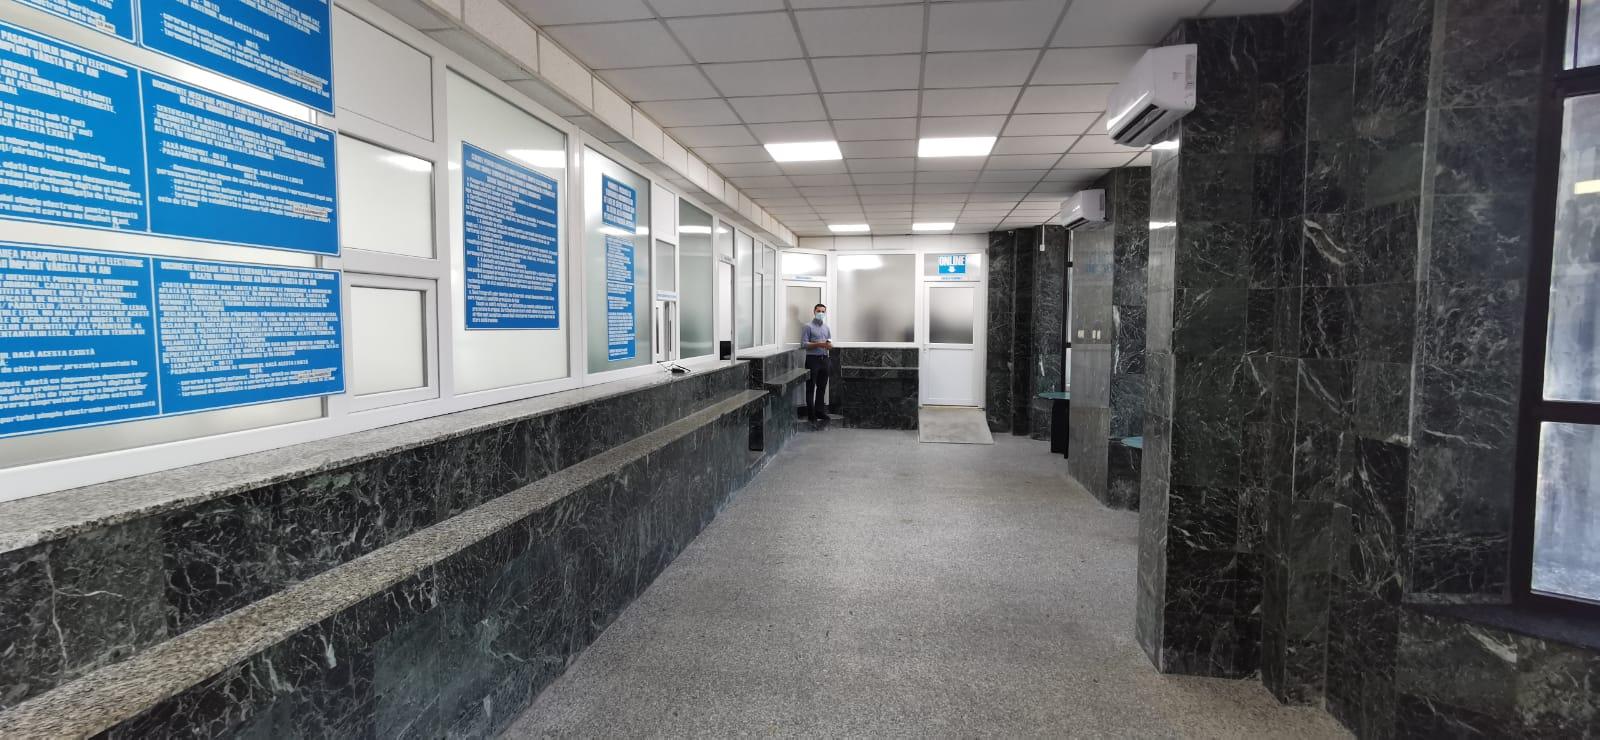 Ghișeele Serviciului Pașapoarte Dâmbovița, modernizate și repuse la dispoziția publicului